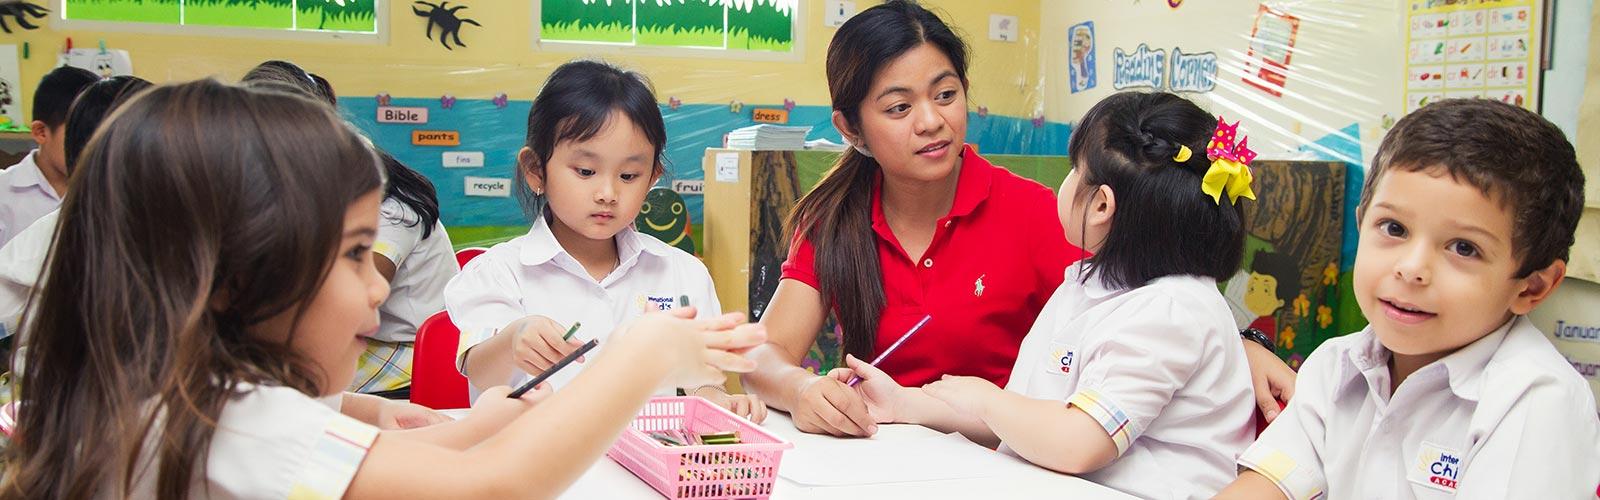 Kidergarten 2 ICA School